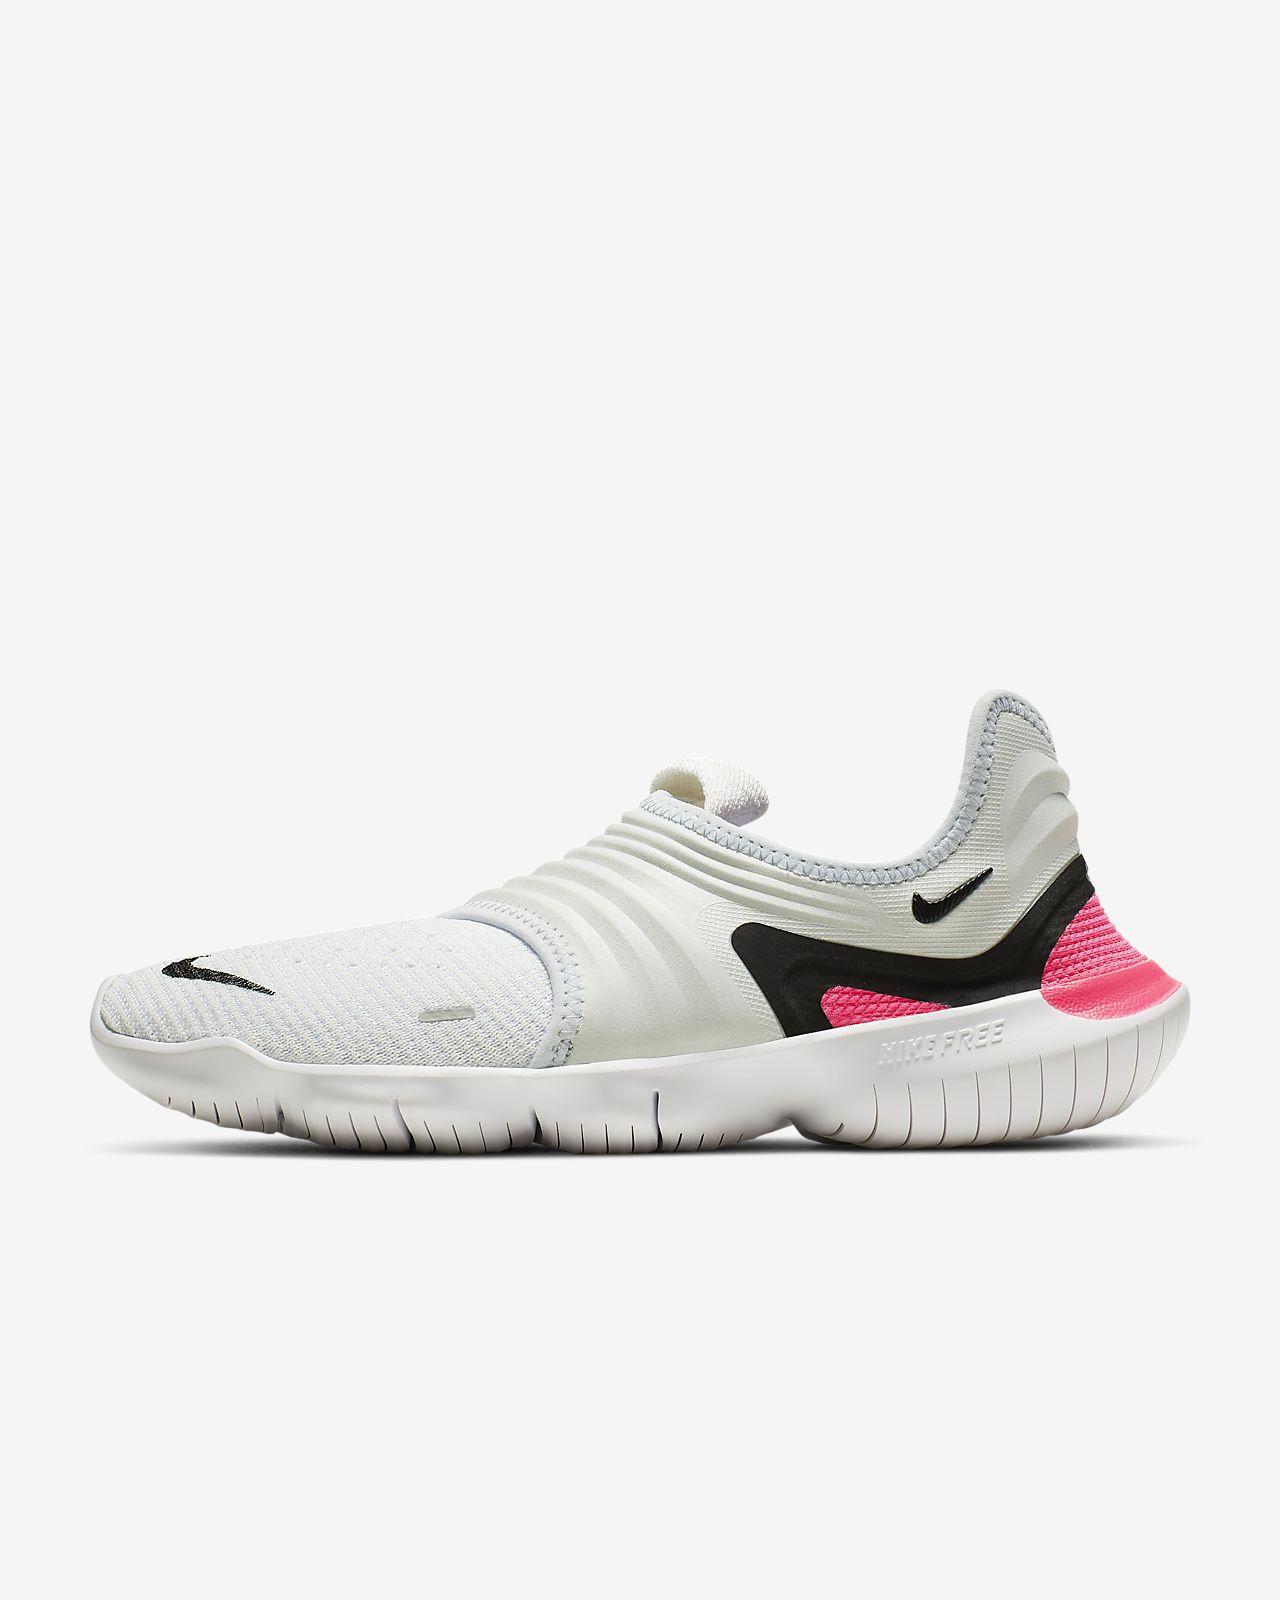 1812a0d479ee Nike Free RN Flyknit 3.0 Women s Running Shoe. Nike.com DK